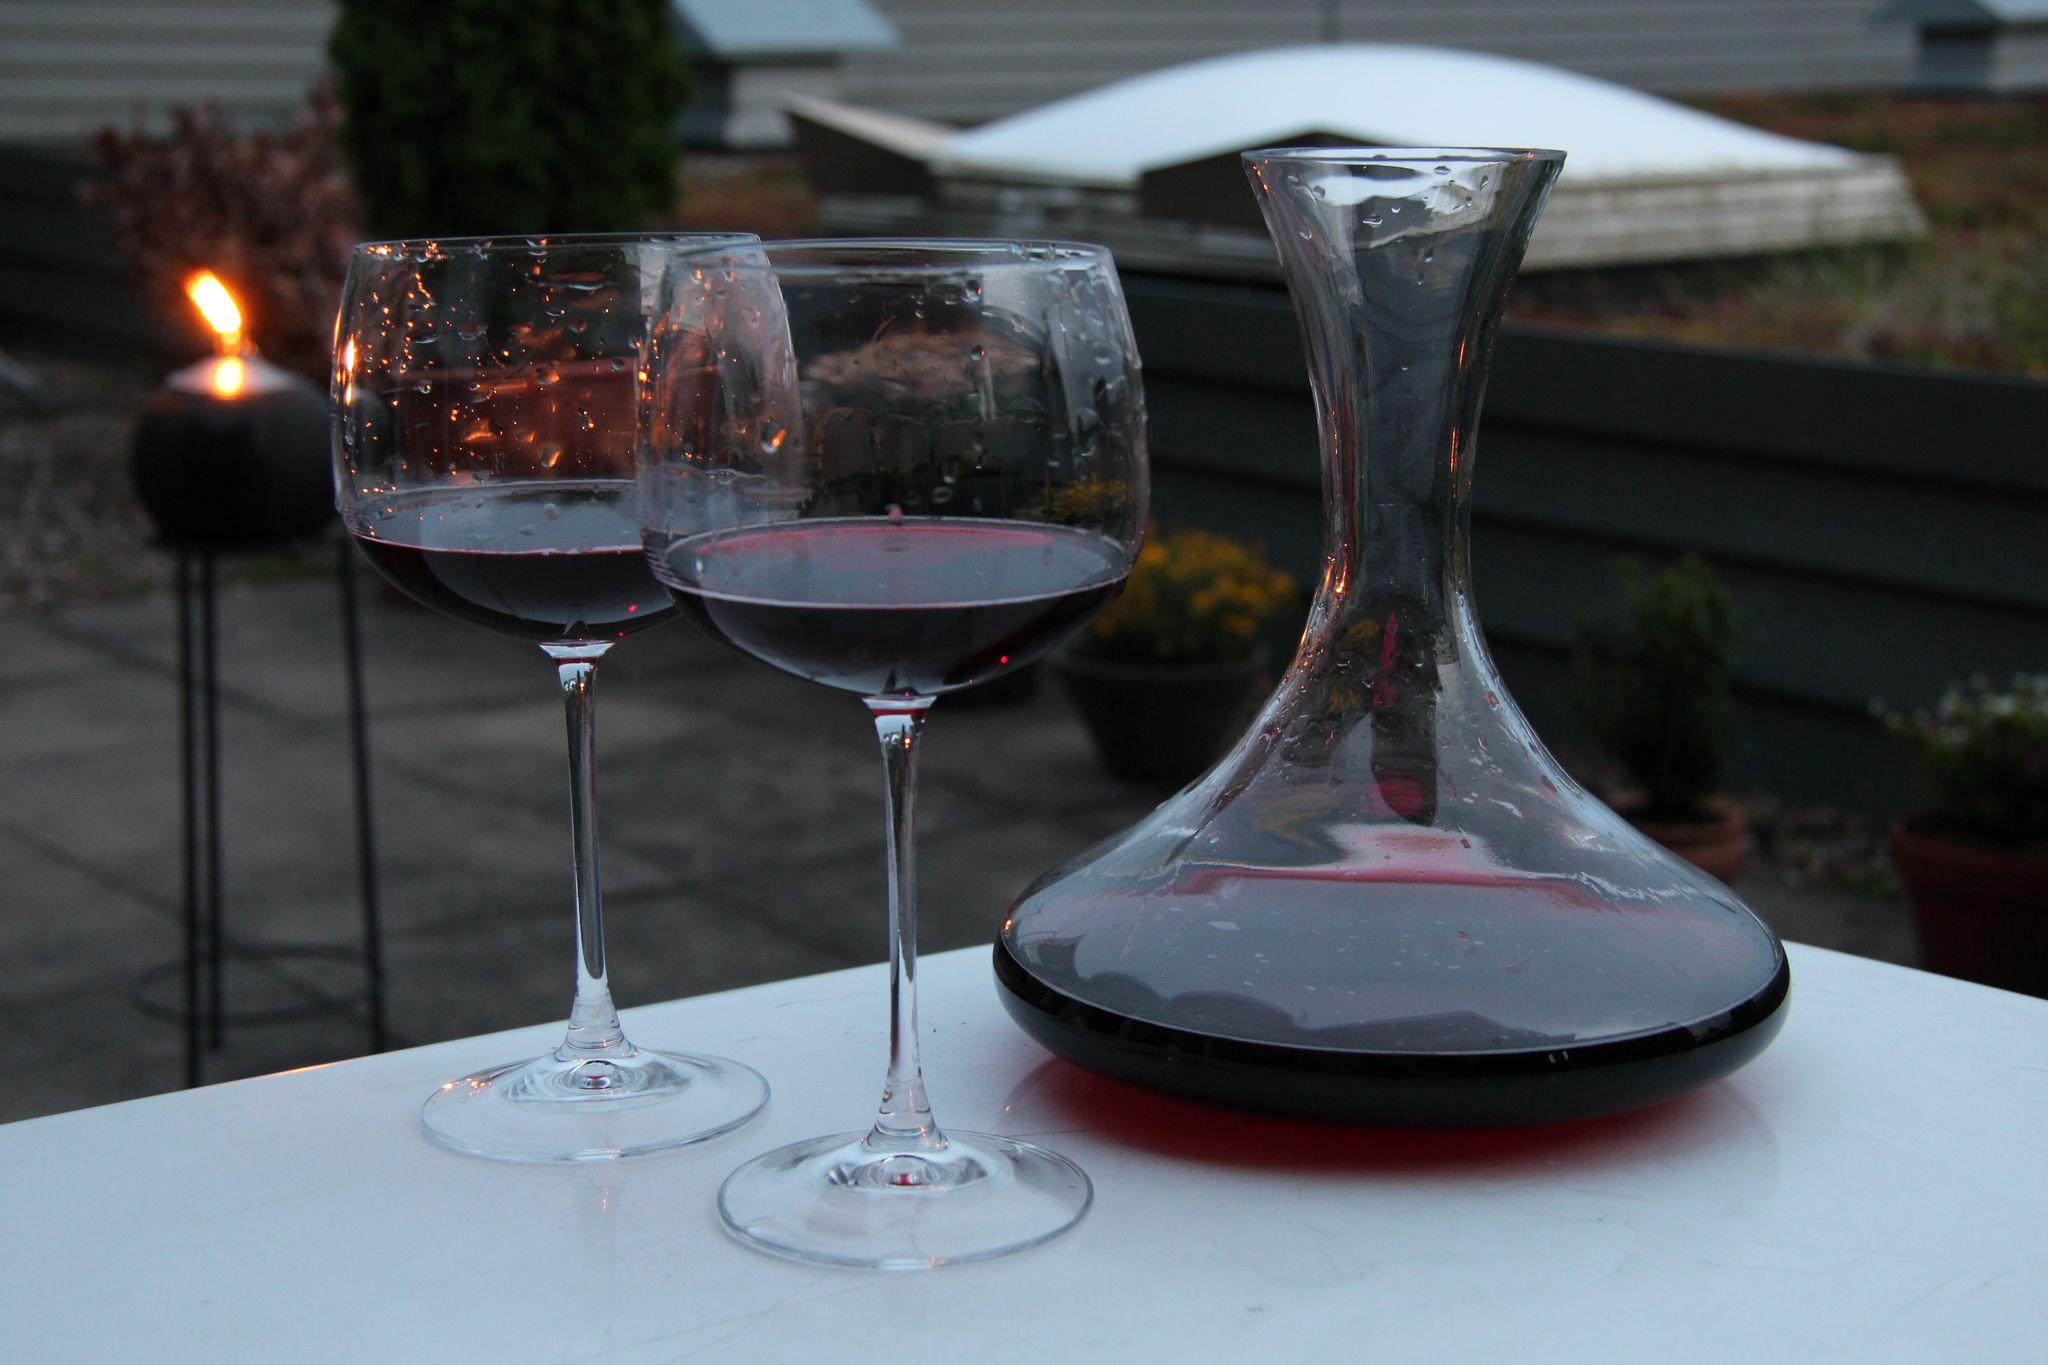 Rotweingläser: Test & Empfehlungen (01/21)